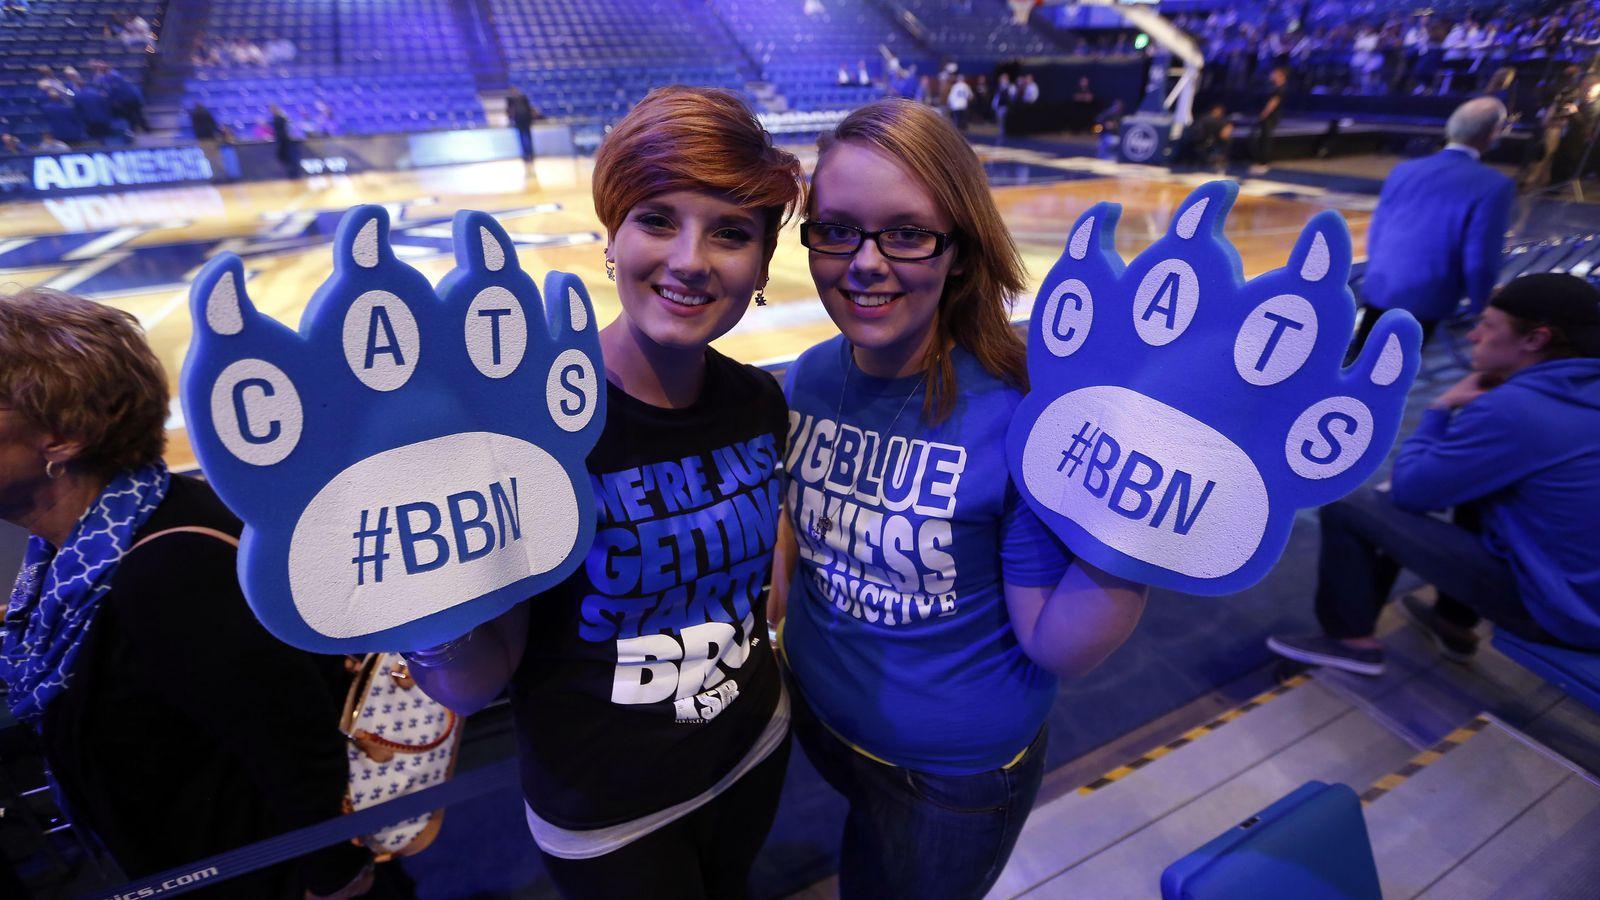 Kentucky Wildcats Basketball Full 2015 16 Schedule: Kentucky Wildcats Basketball: Big Blue Madness Recap